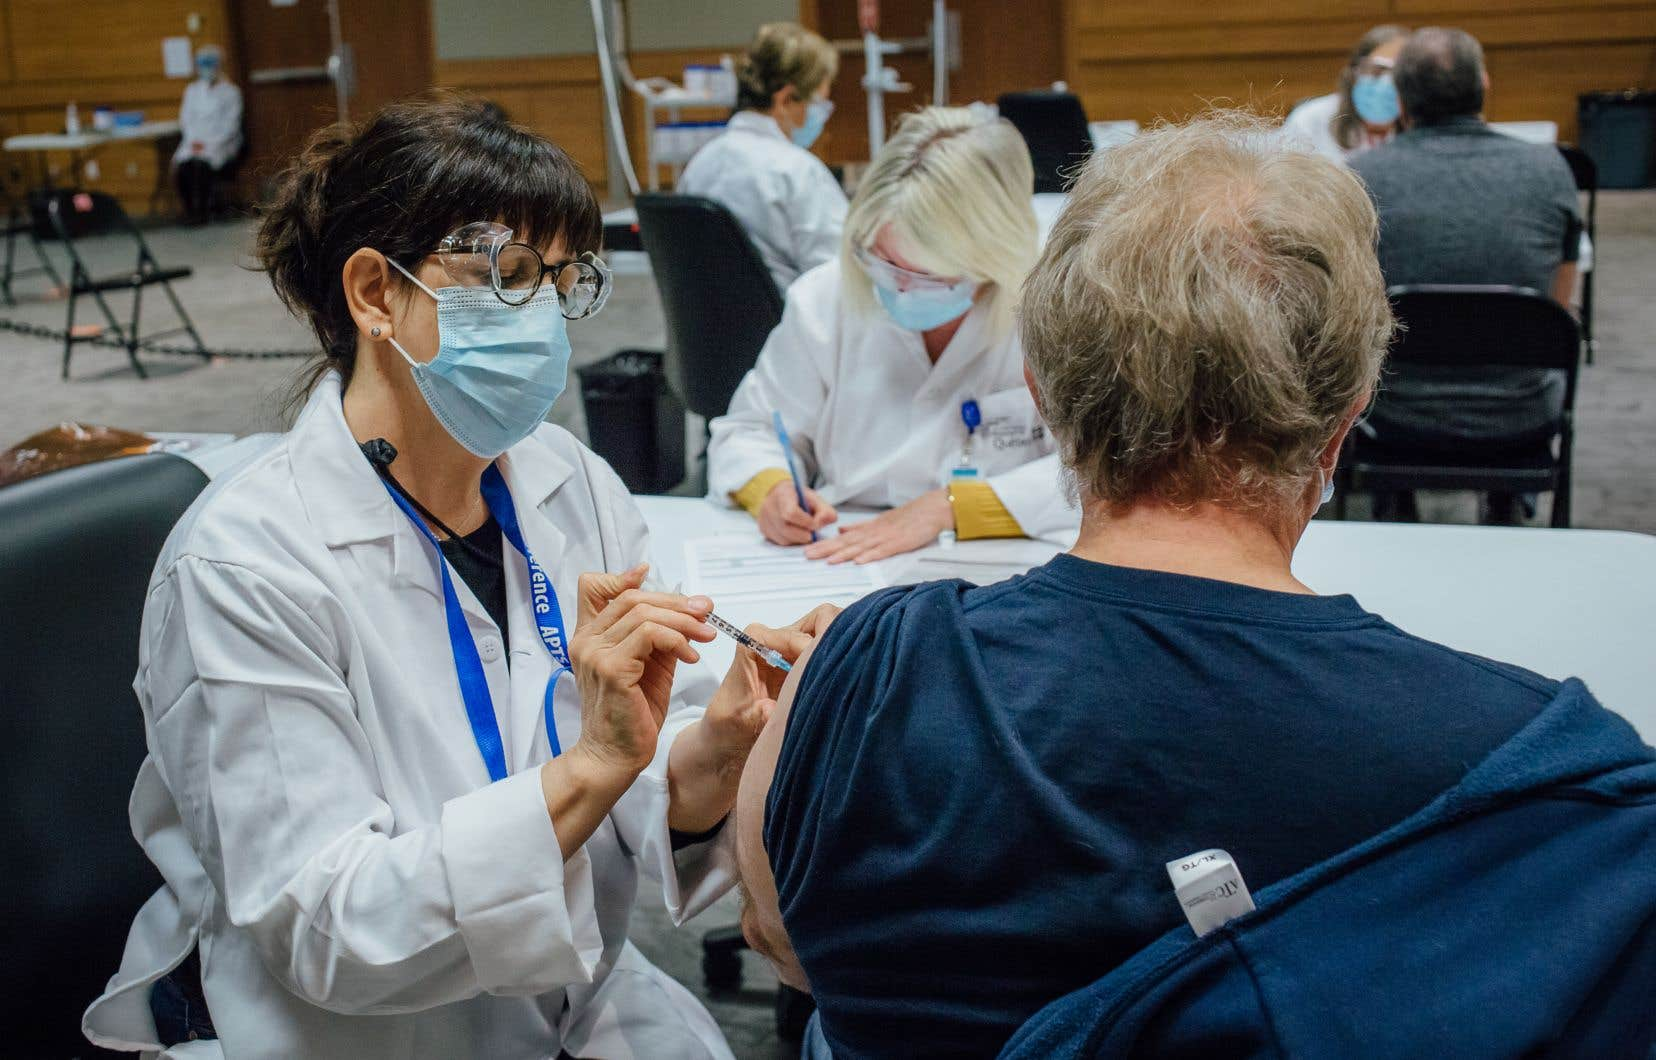 De nombreux pays ontrestreint l'utilisation du vaccin d'AstraZeneca aux personnes âgées et certains ont arrêté de l'utiliser.